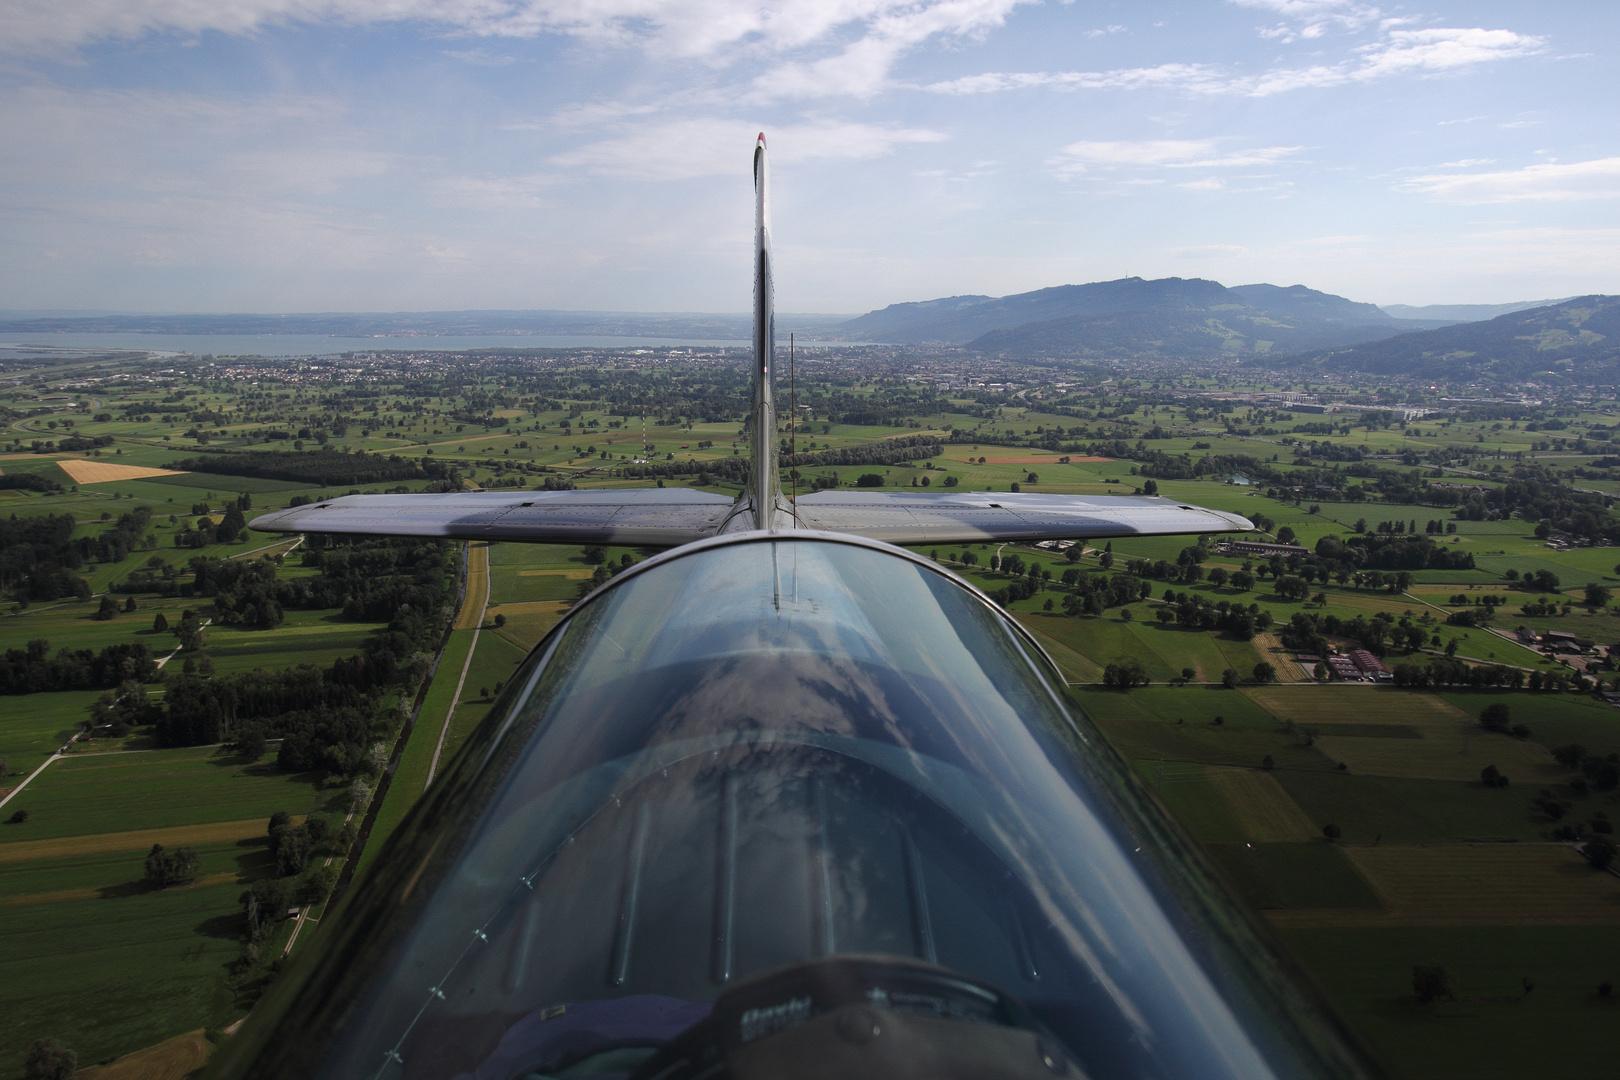 der andere Blick ... YAK 52 -  Flug Hohenems 7 7 17